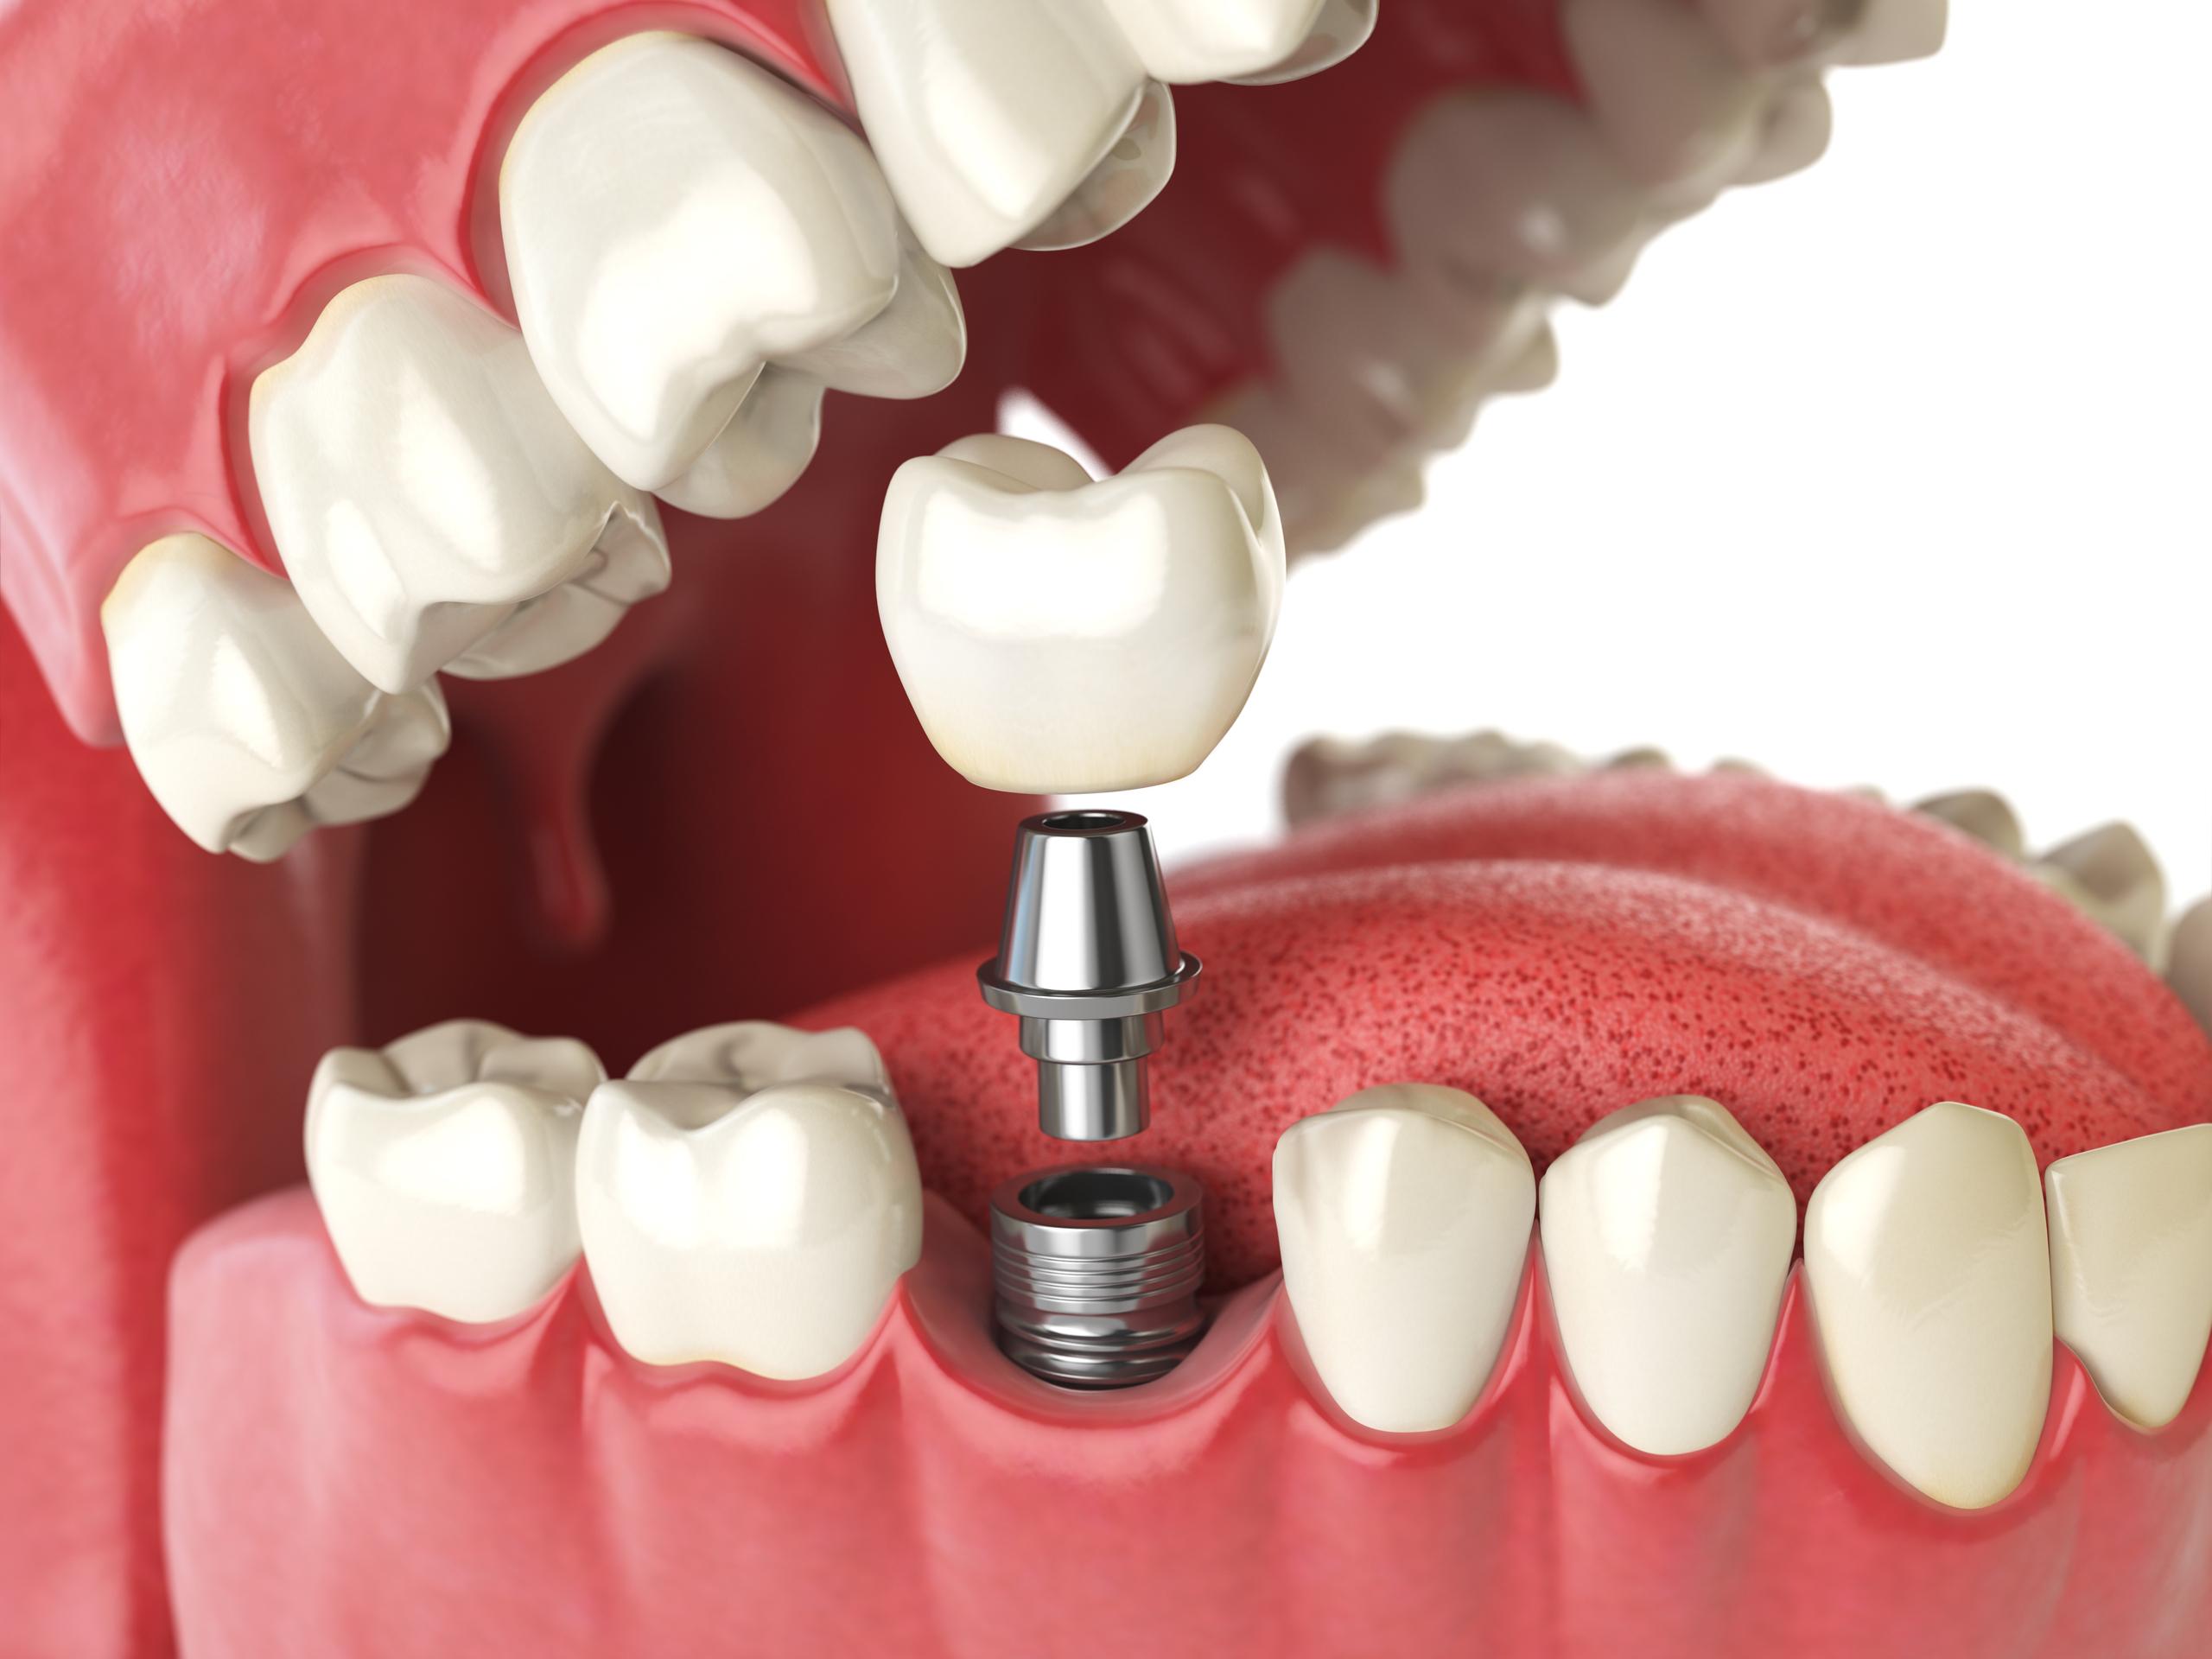 fakta om tänder